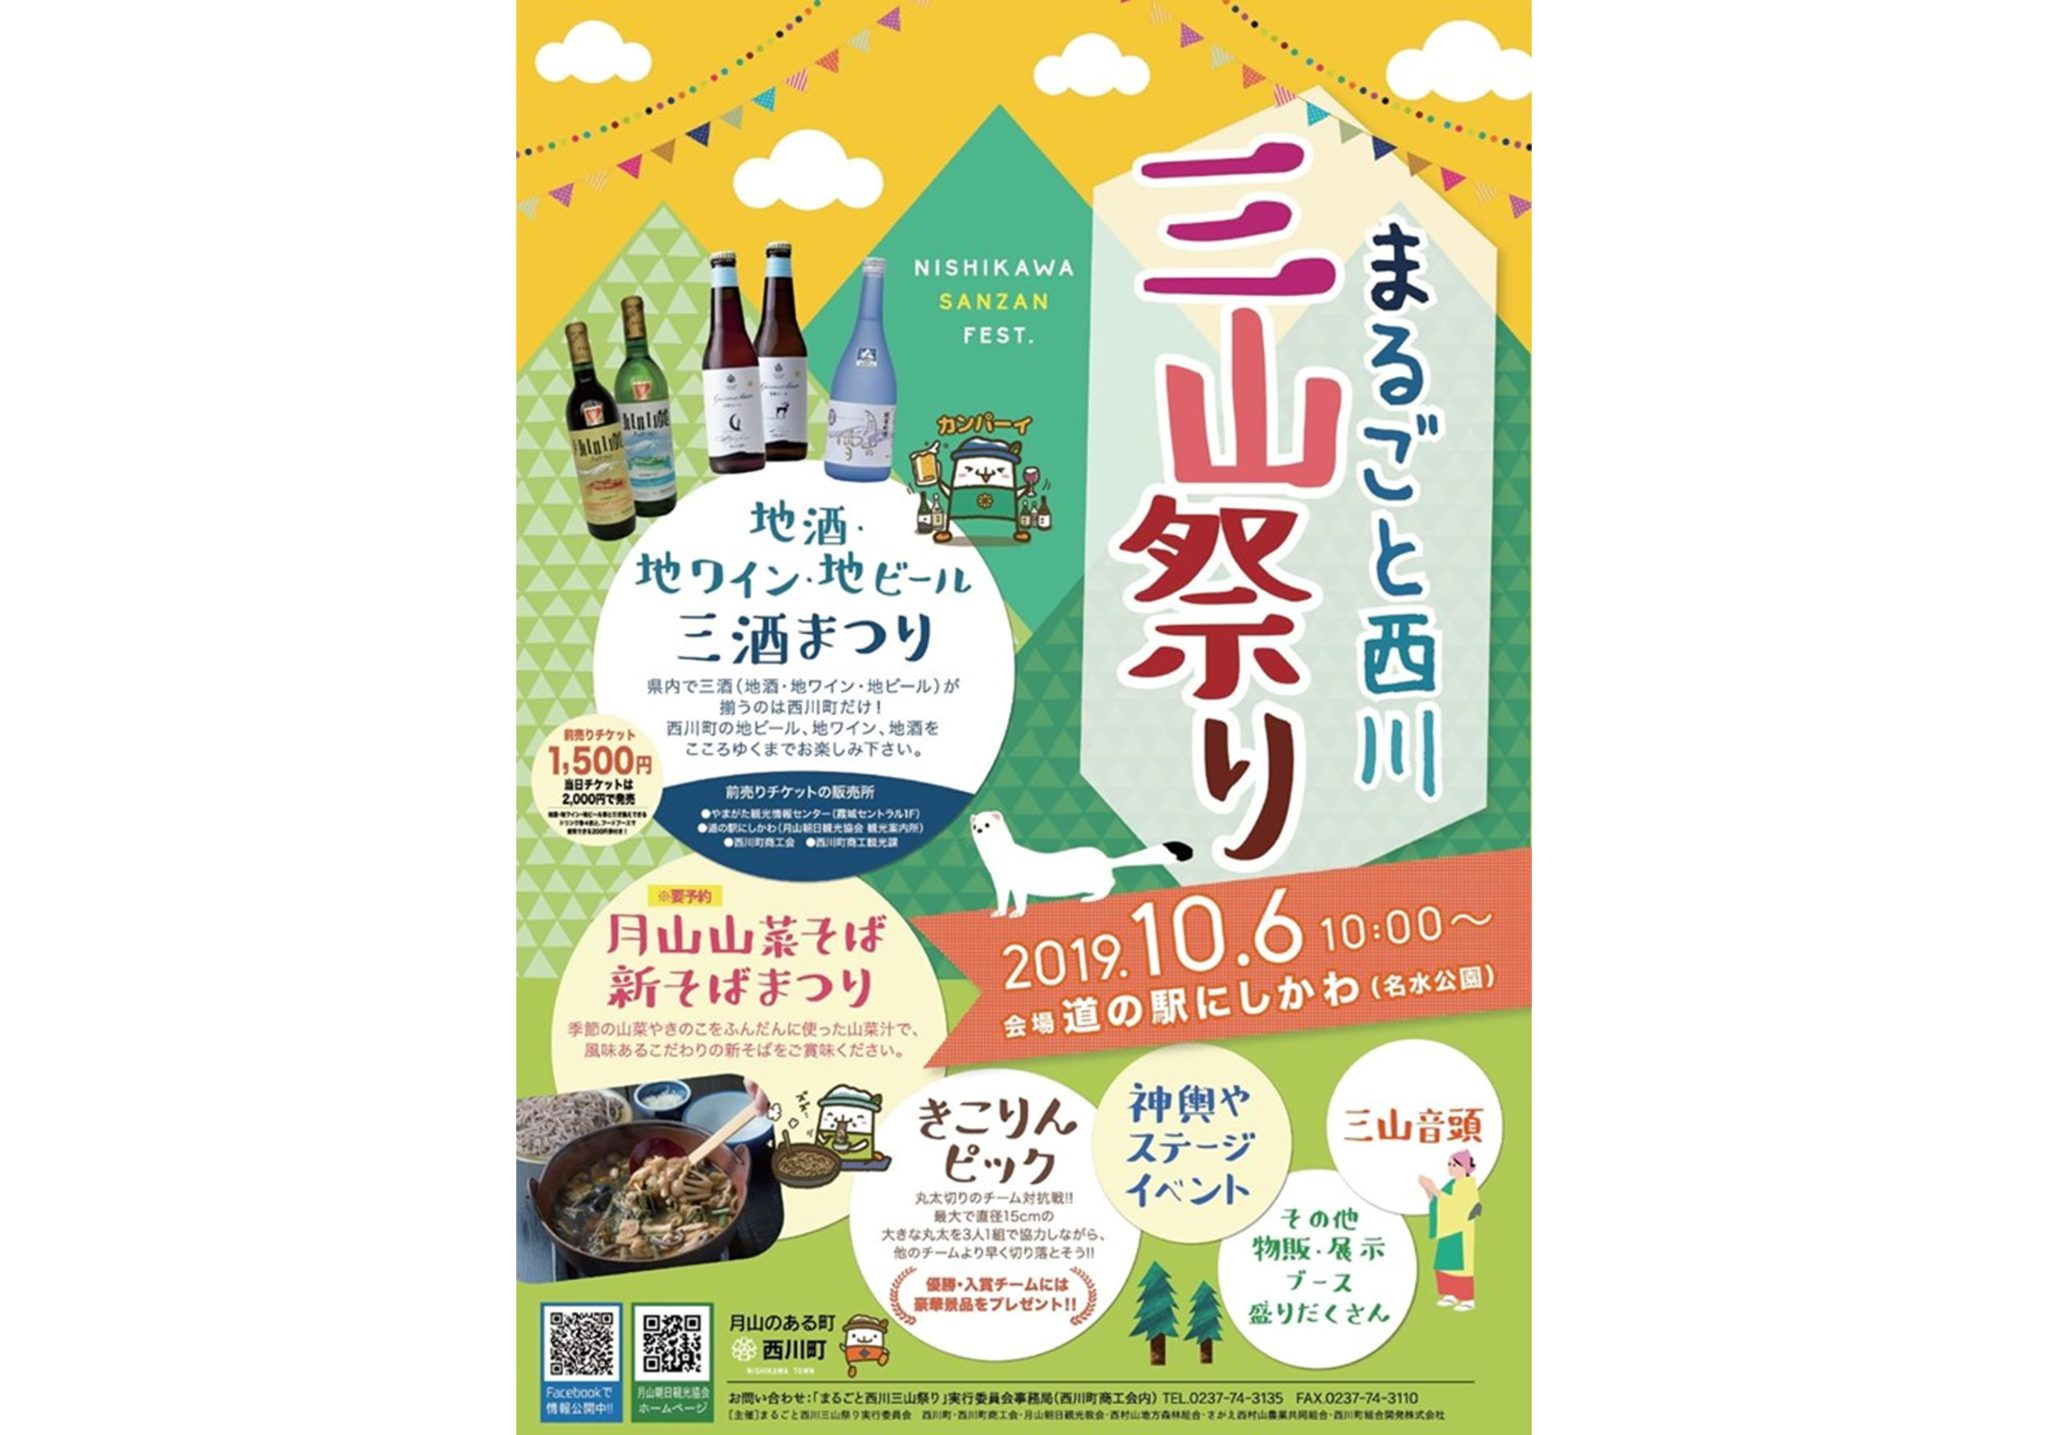 まるごと西川 三山祭り